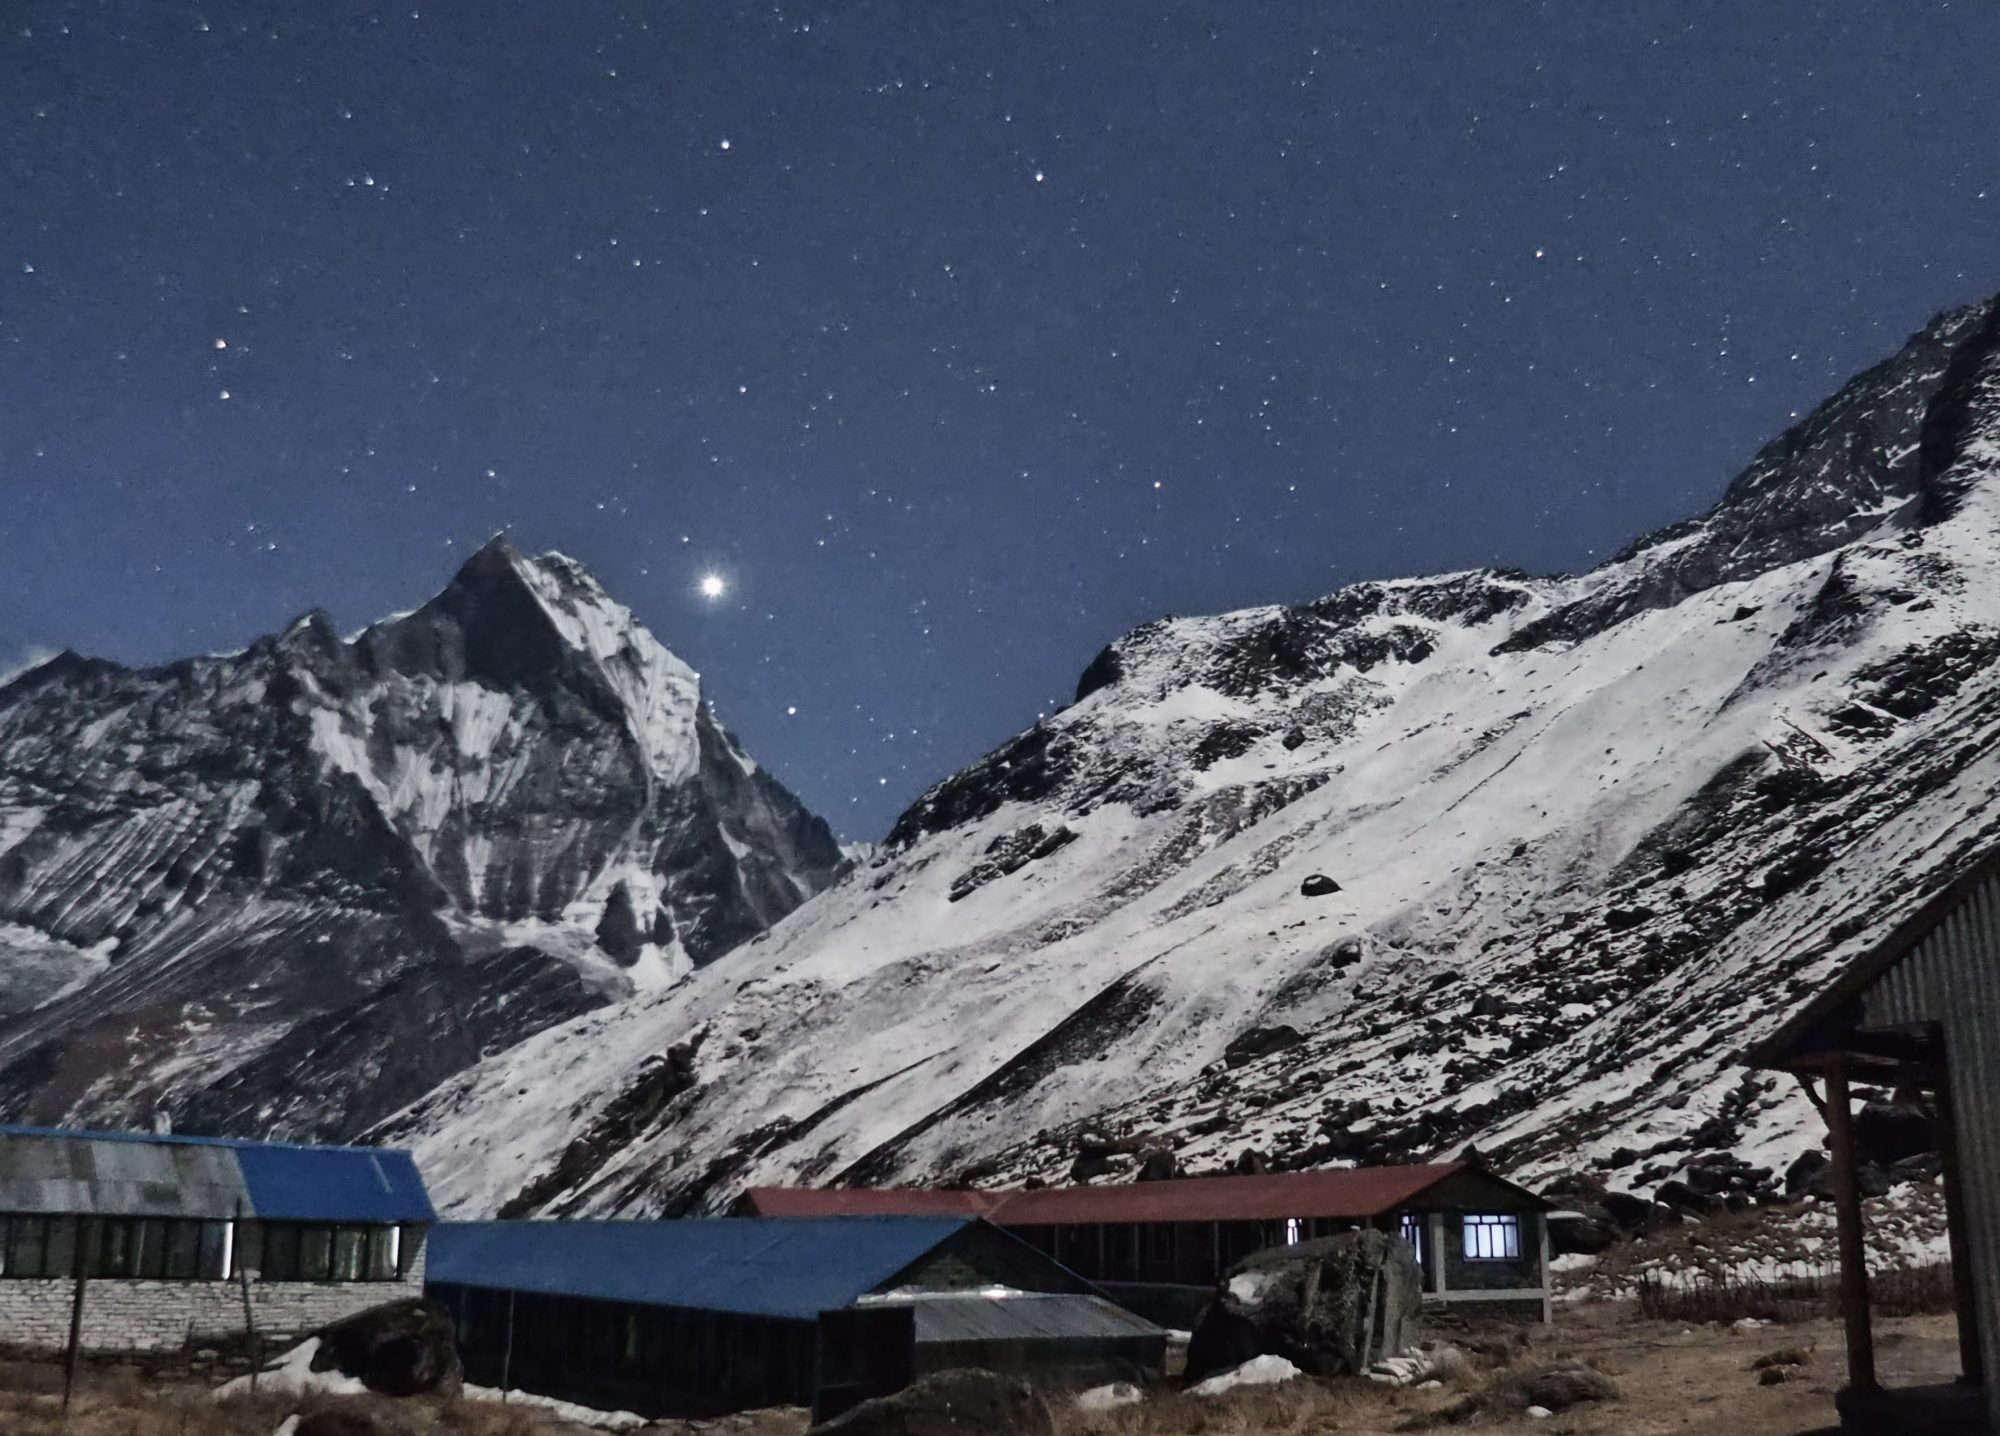 Sternenhimmel über dem Annapurna Base Camp